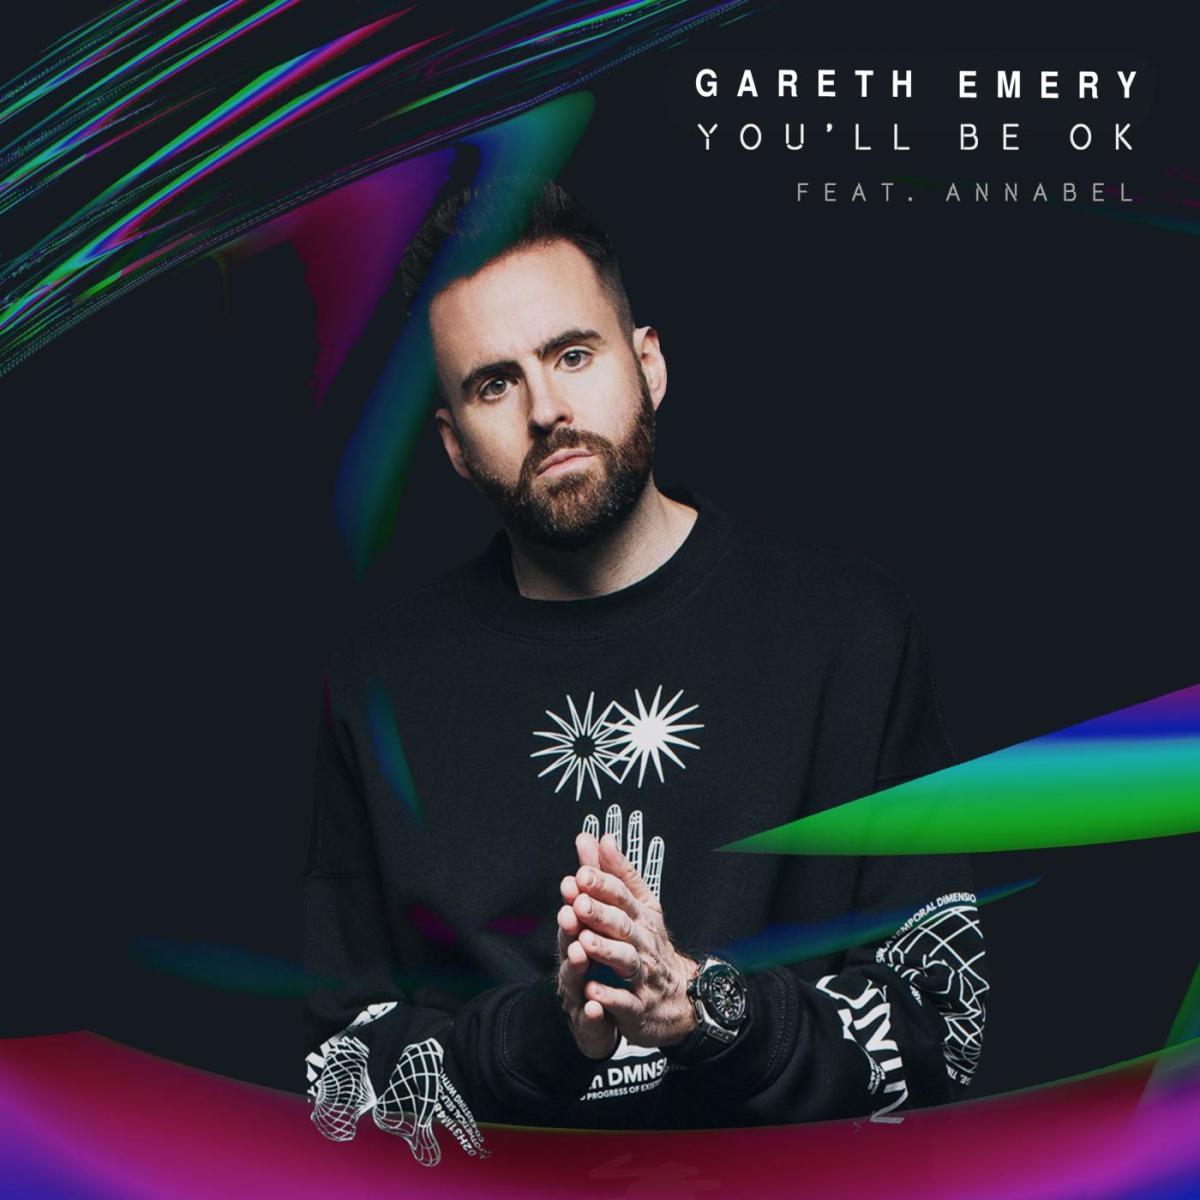 Gareth Emery - You'll Be OK (ALBUM ARTWORK)